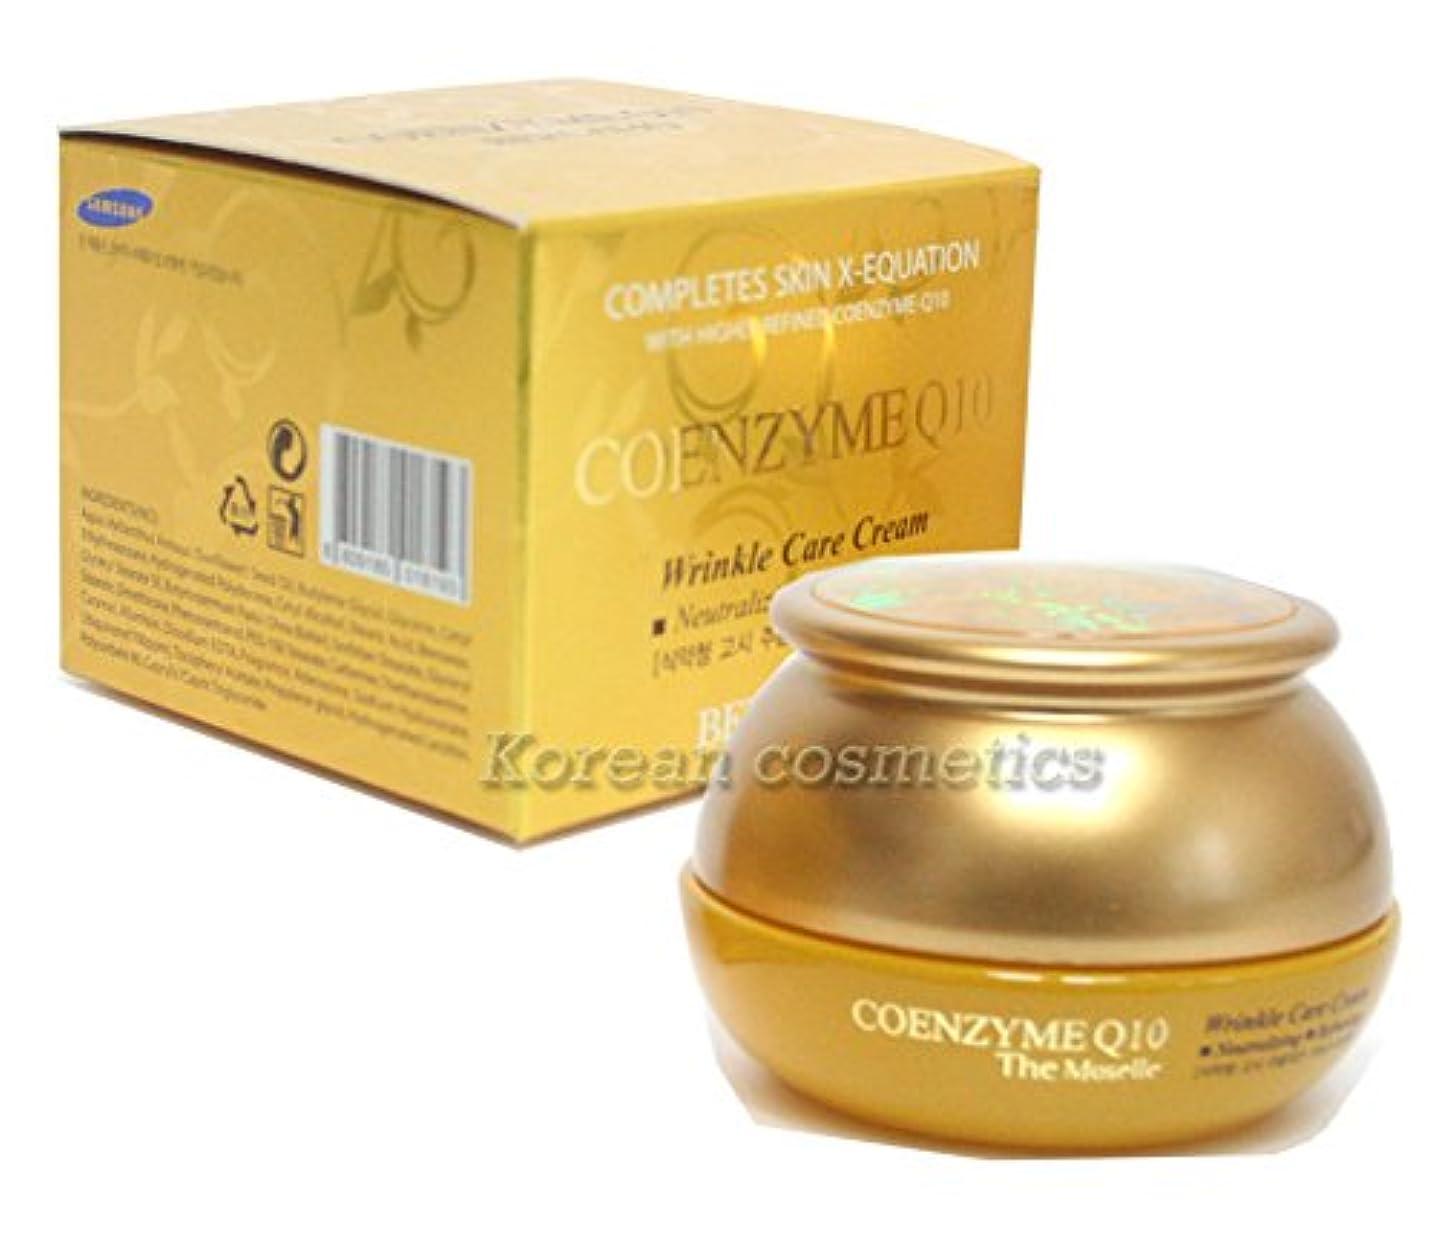 【ベルガモ][Bergamo] モーゼルコエンザイムQ10クリーム50g / the Moselle Coenzyme Q10 Cream 50g / リンクルケア、弾力性 / Wrinkle Care,elasticity...